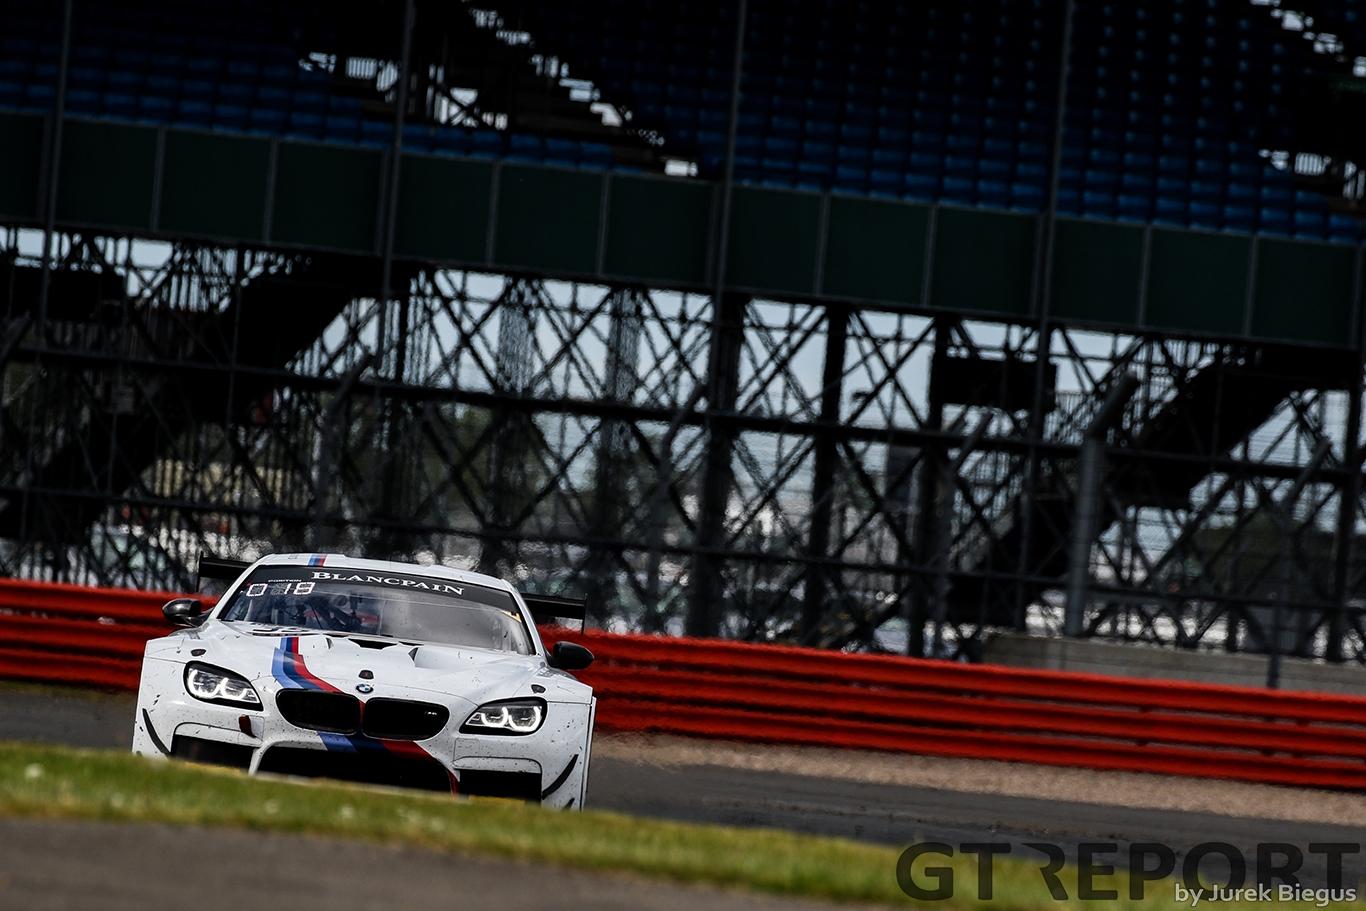 Walkenhorst Motorsport | BMW M6 GT3 | Nico Menzel | Mikkel Jensen | Christian Krognes | Blancpain GT Series Endurance Cup | Silverstone Circuit | 14 May 2017 | Photo by Jurek Biegus.